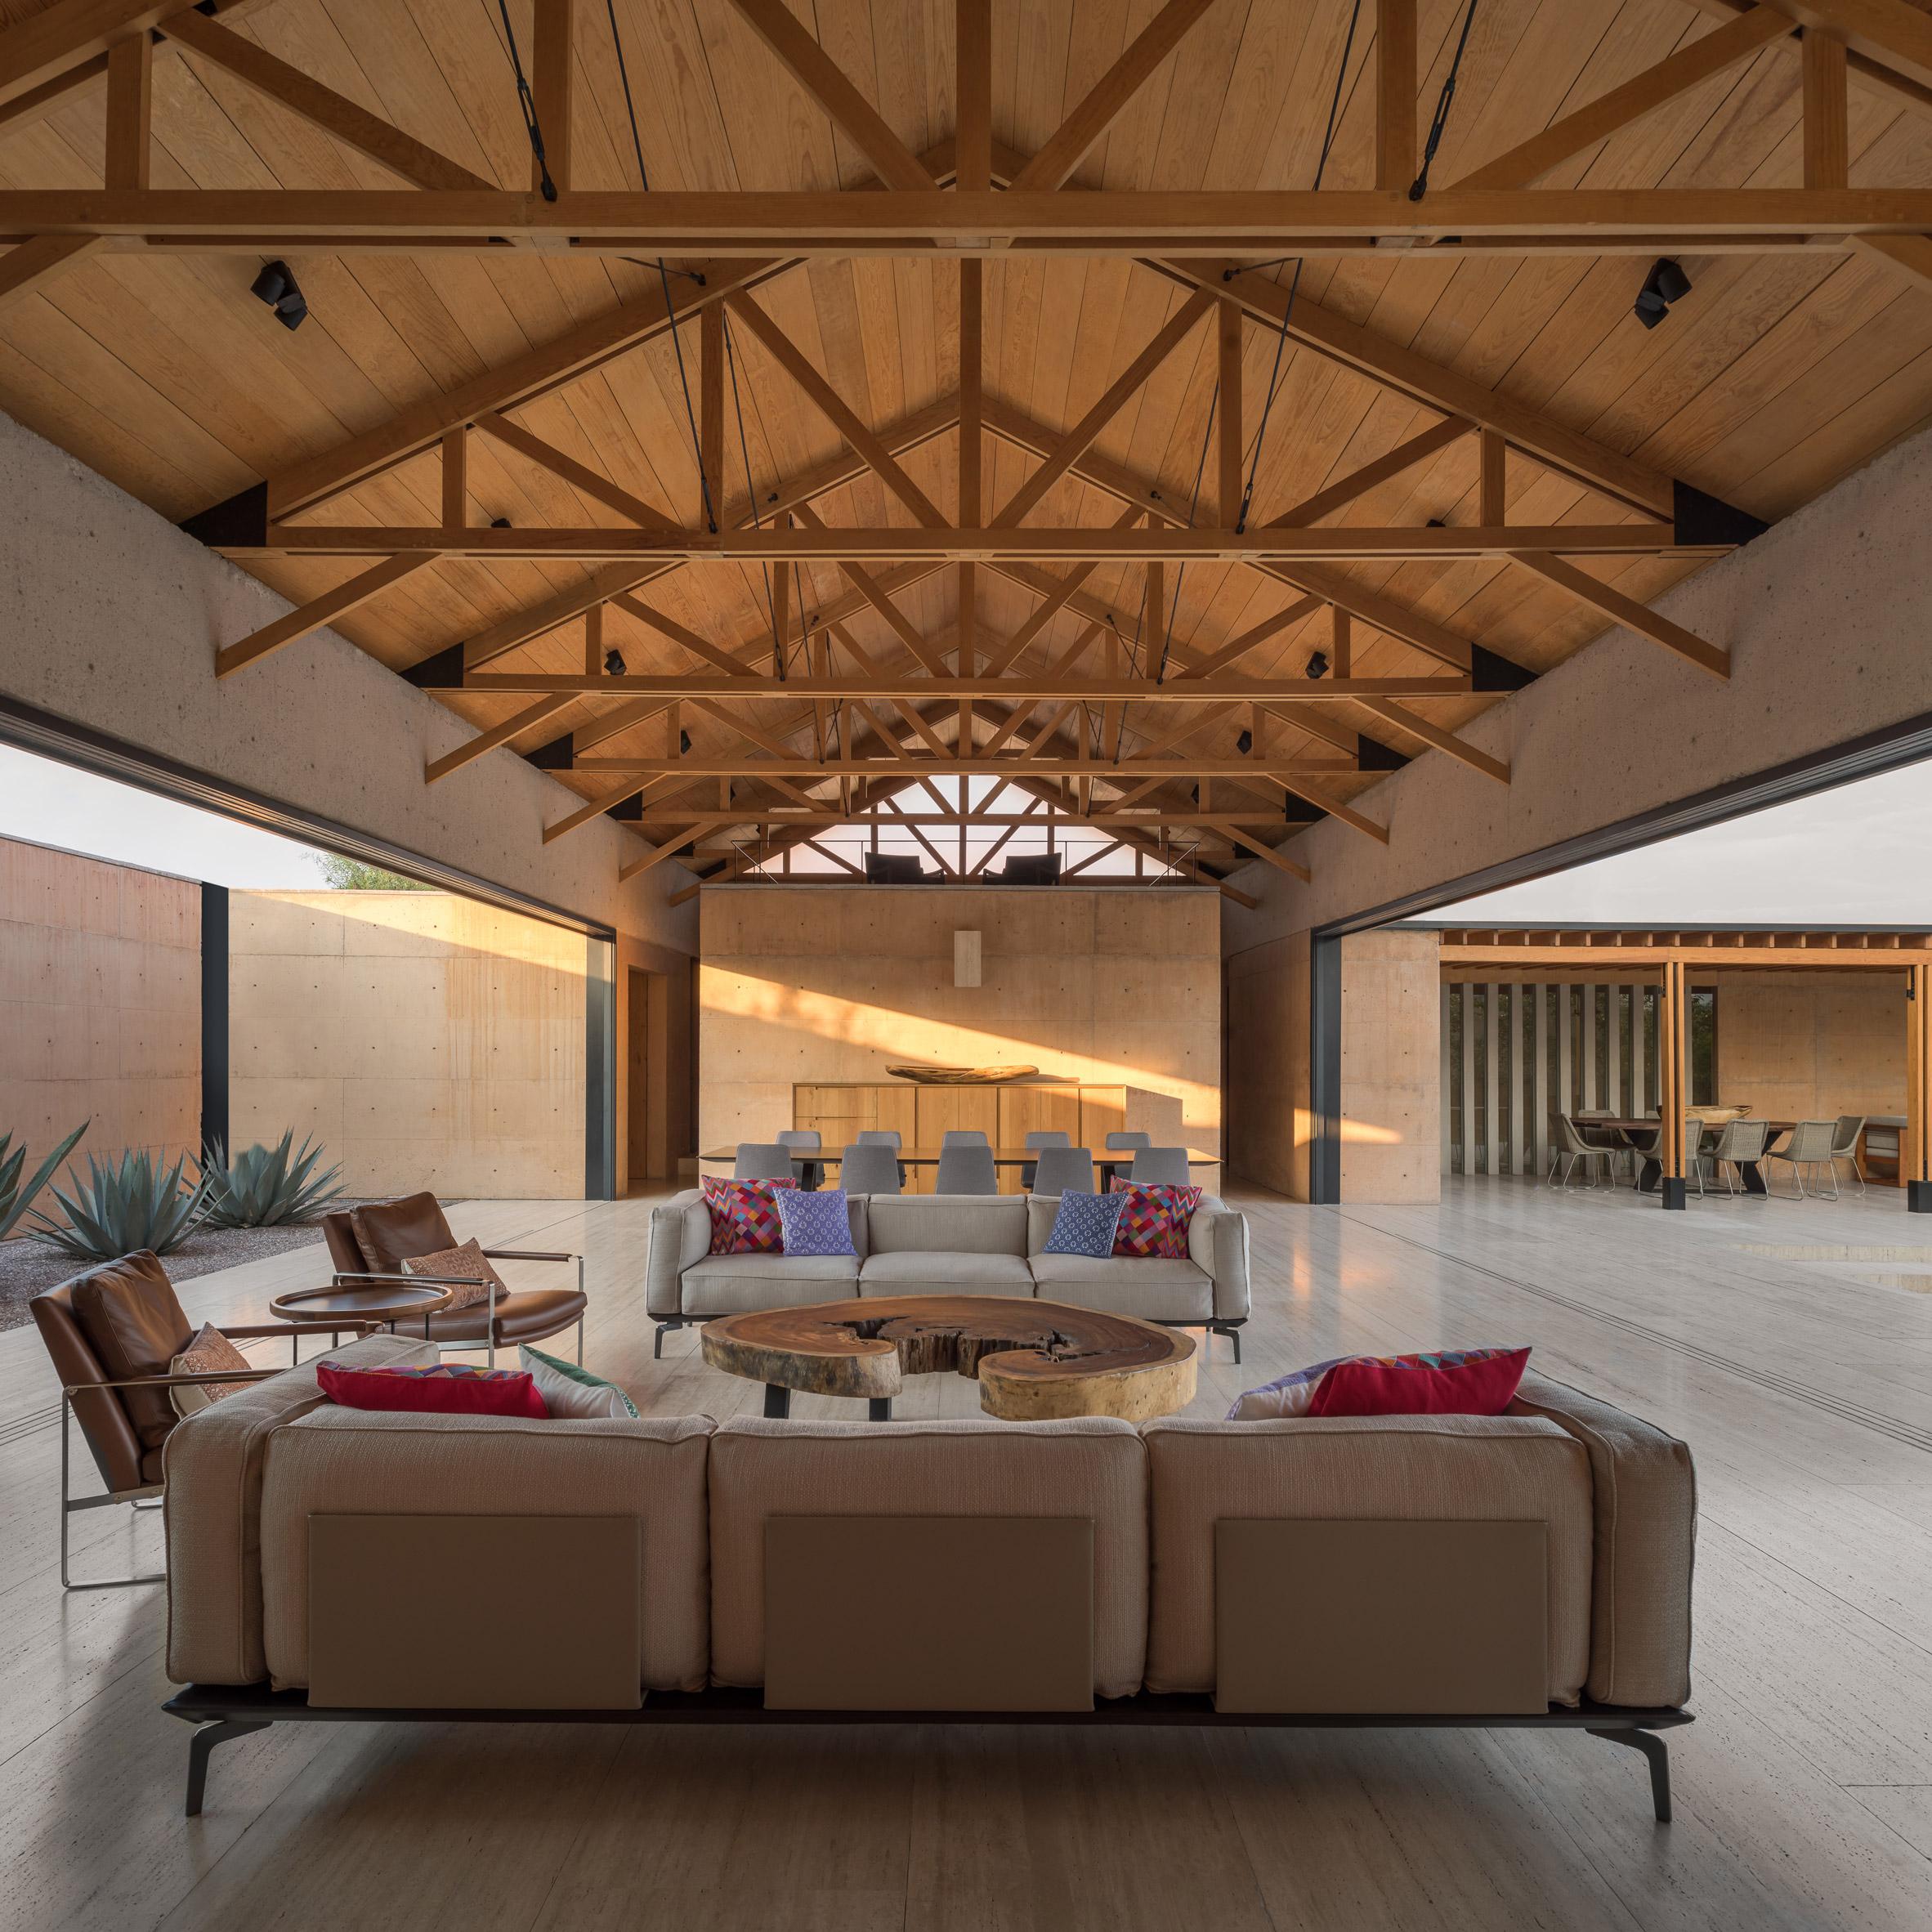 Casa Moulat residence in Hidalgo Mexico by Centro de Colaboracion Arquitectonica